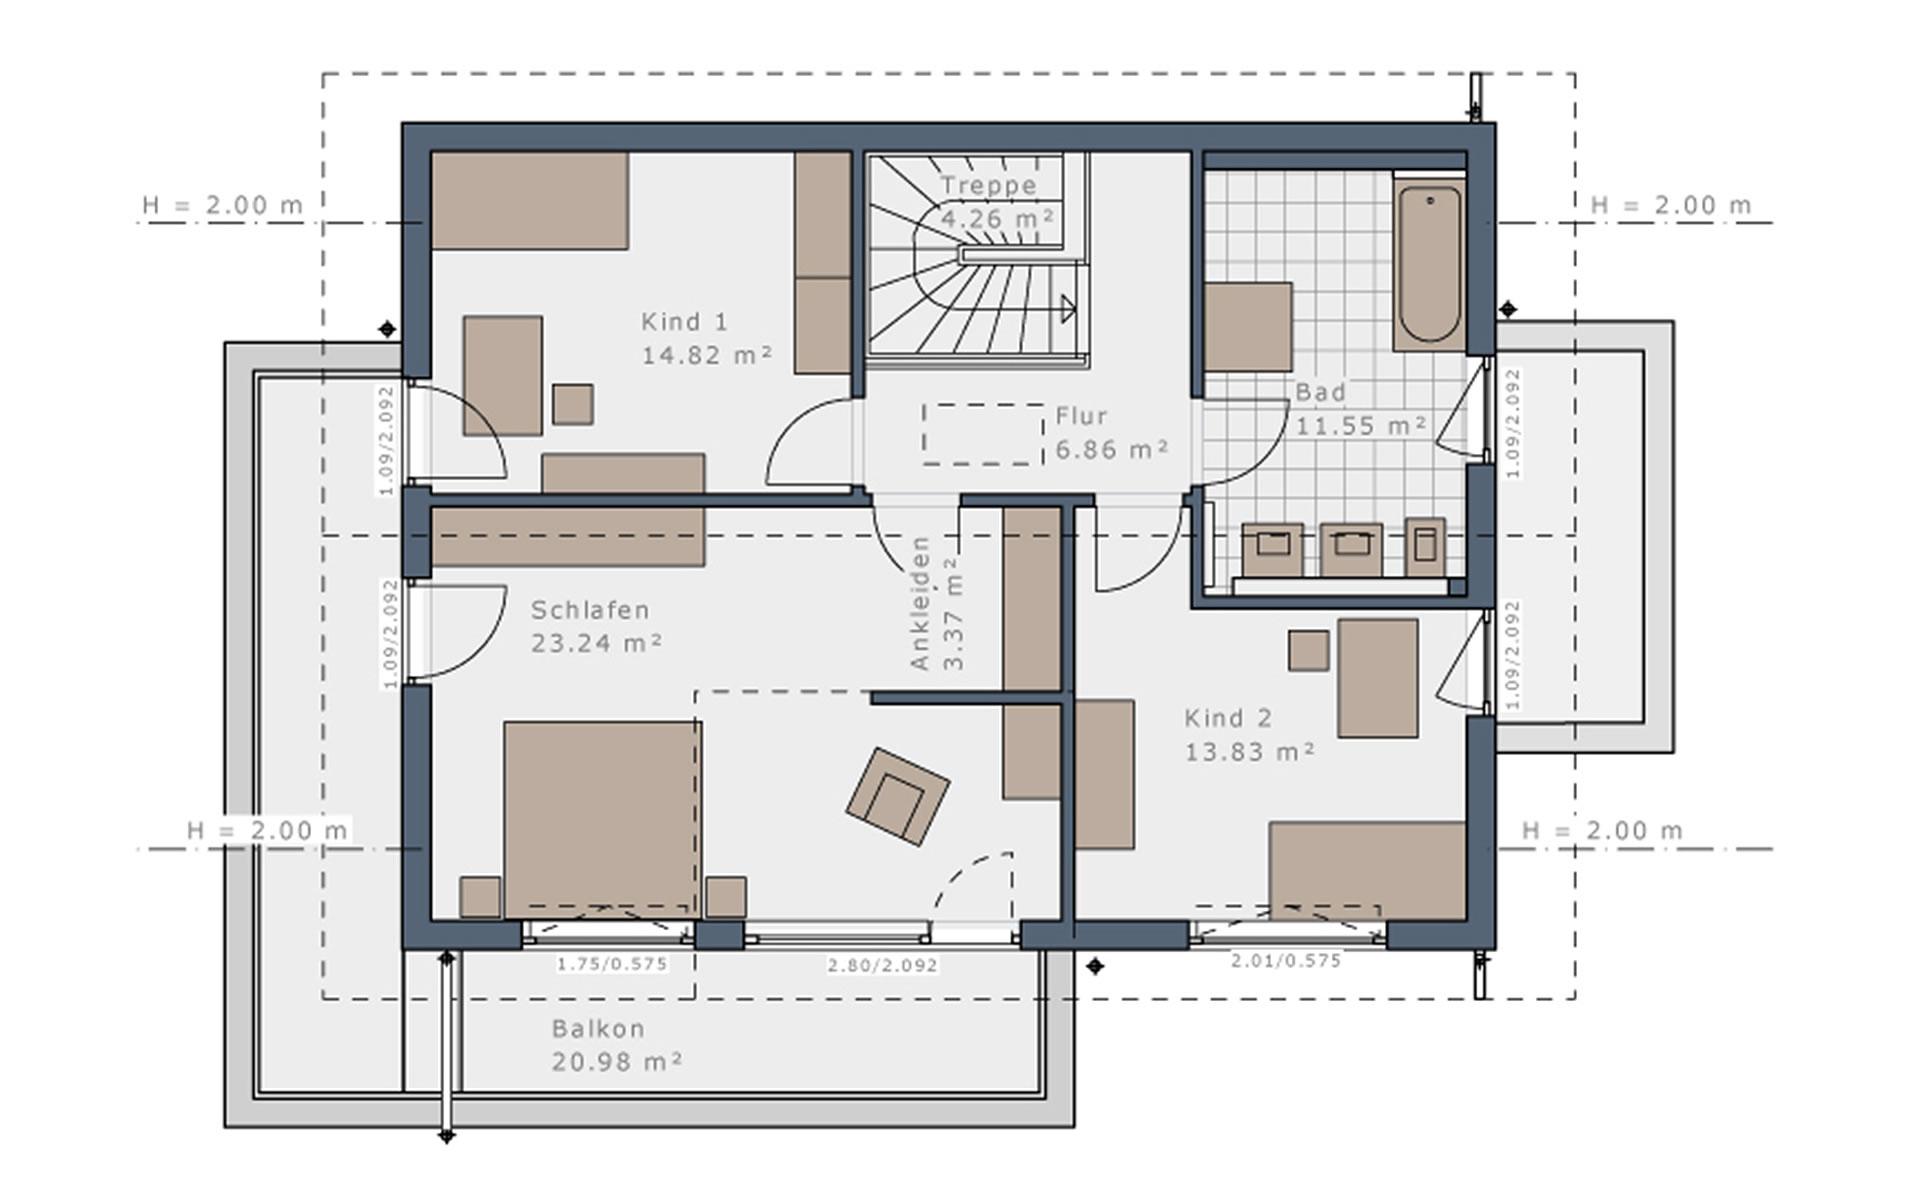 Dachgeschoss Solitaire-E-155 E4 von Schwabenhaus GmbH & Co. KG